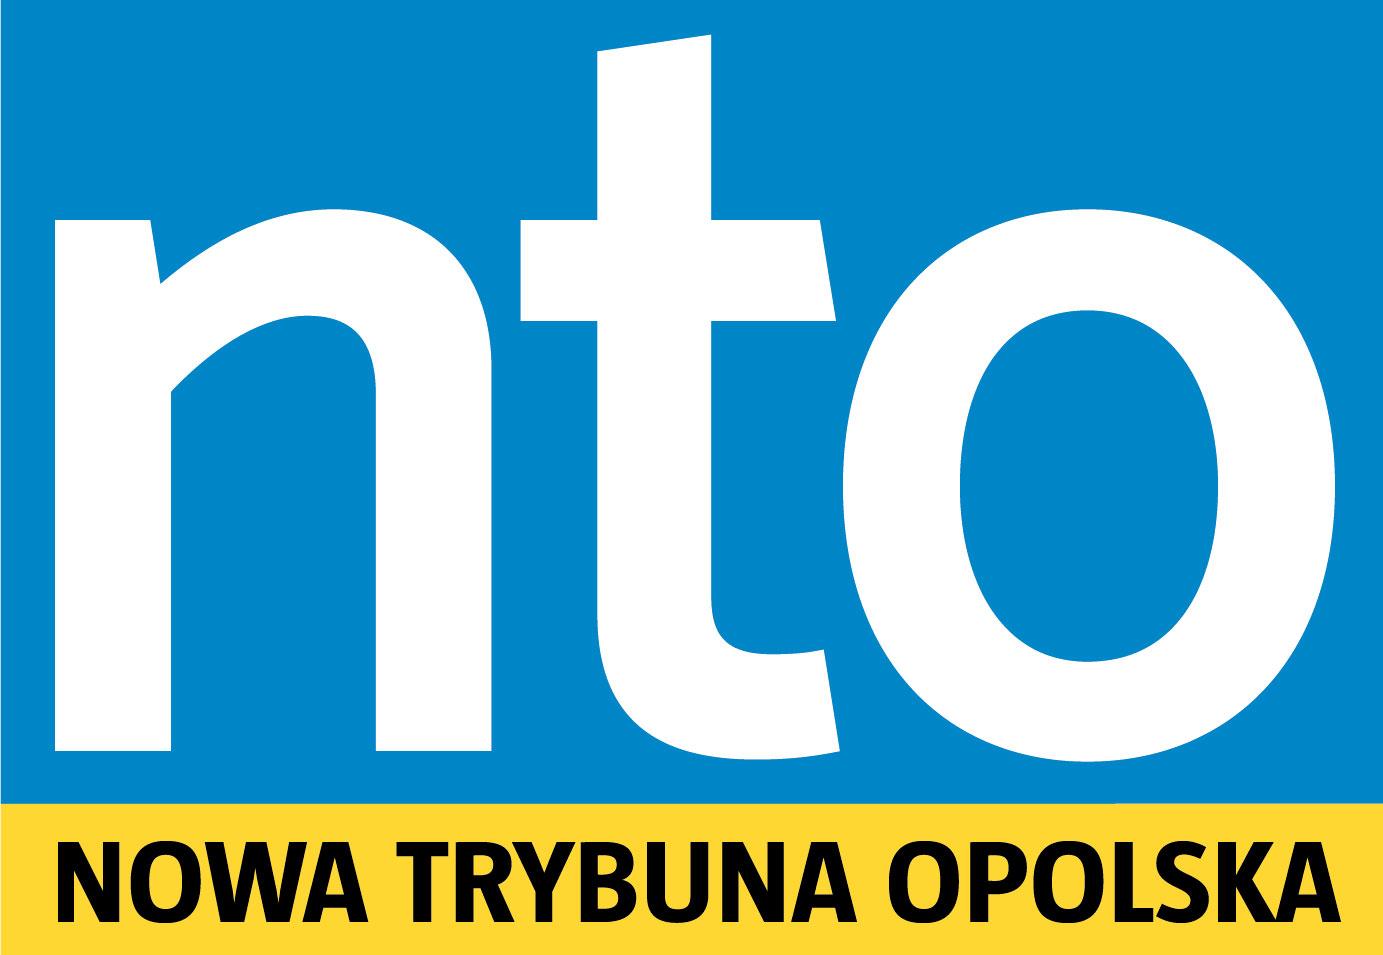 logo Nowej Trybuny Opolskiej